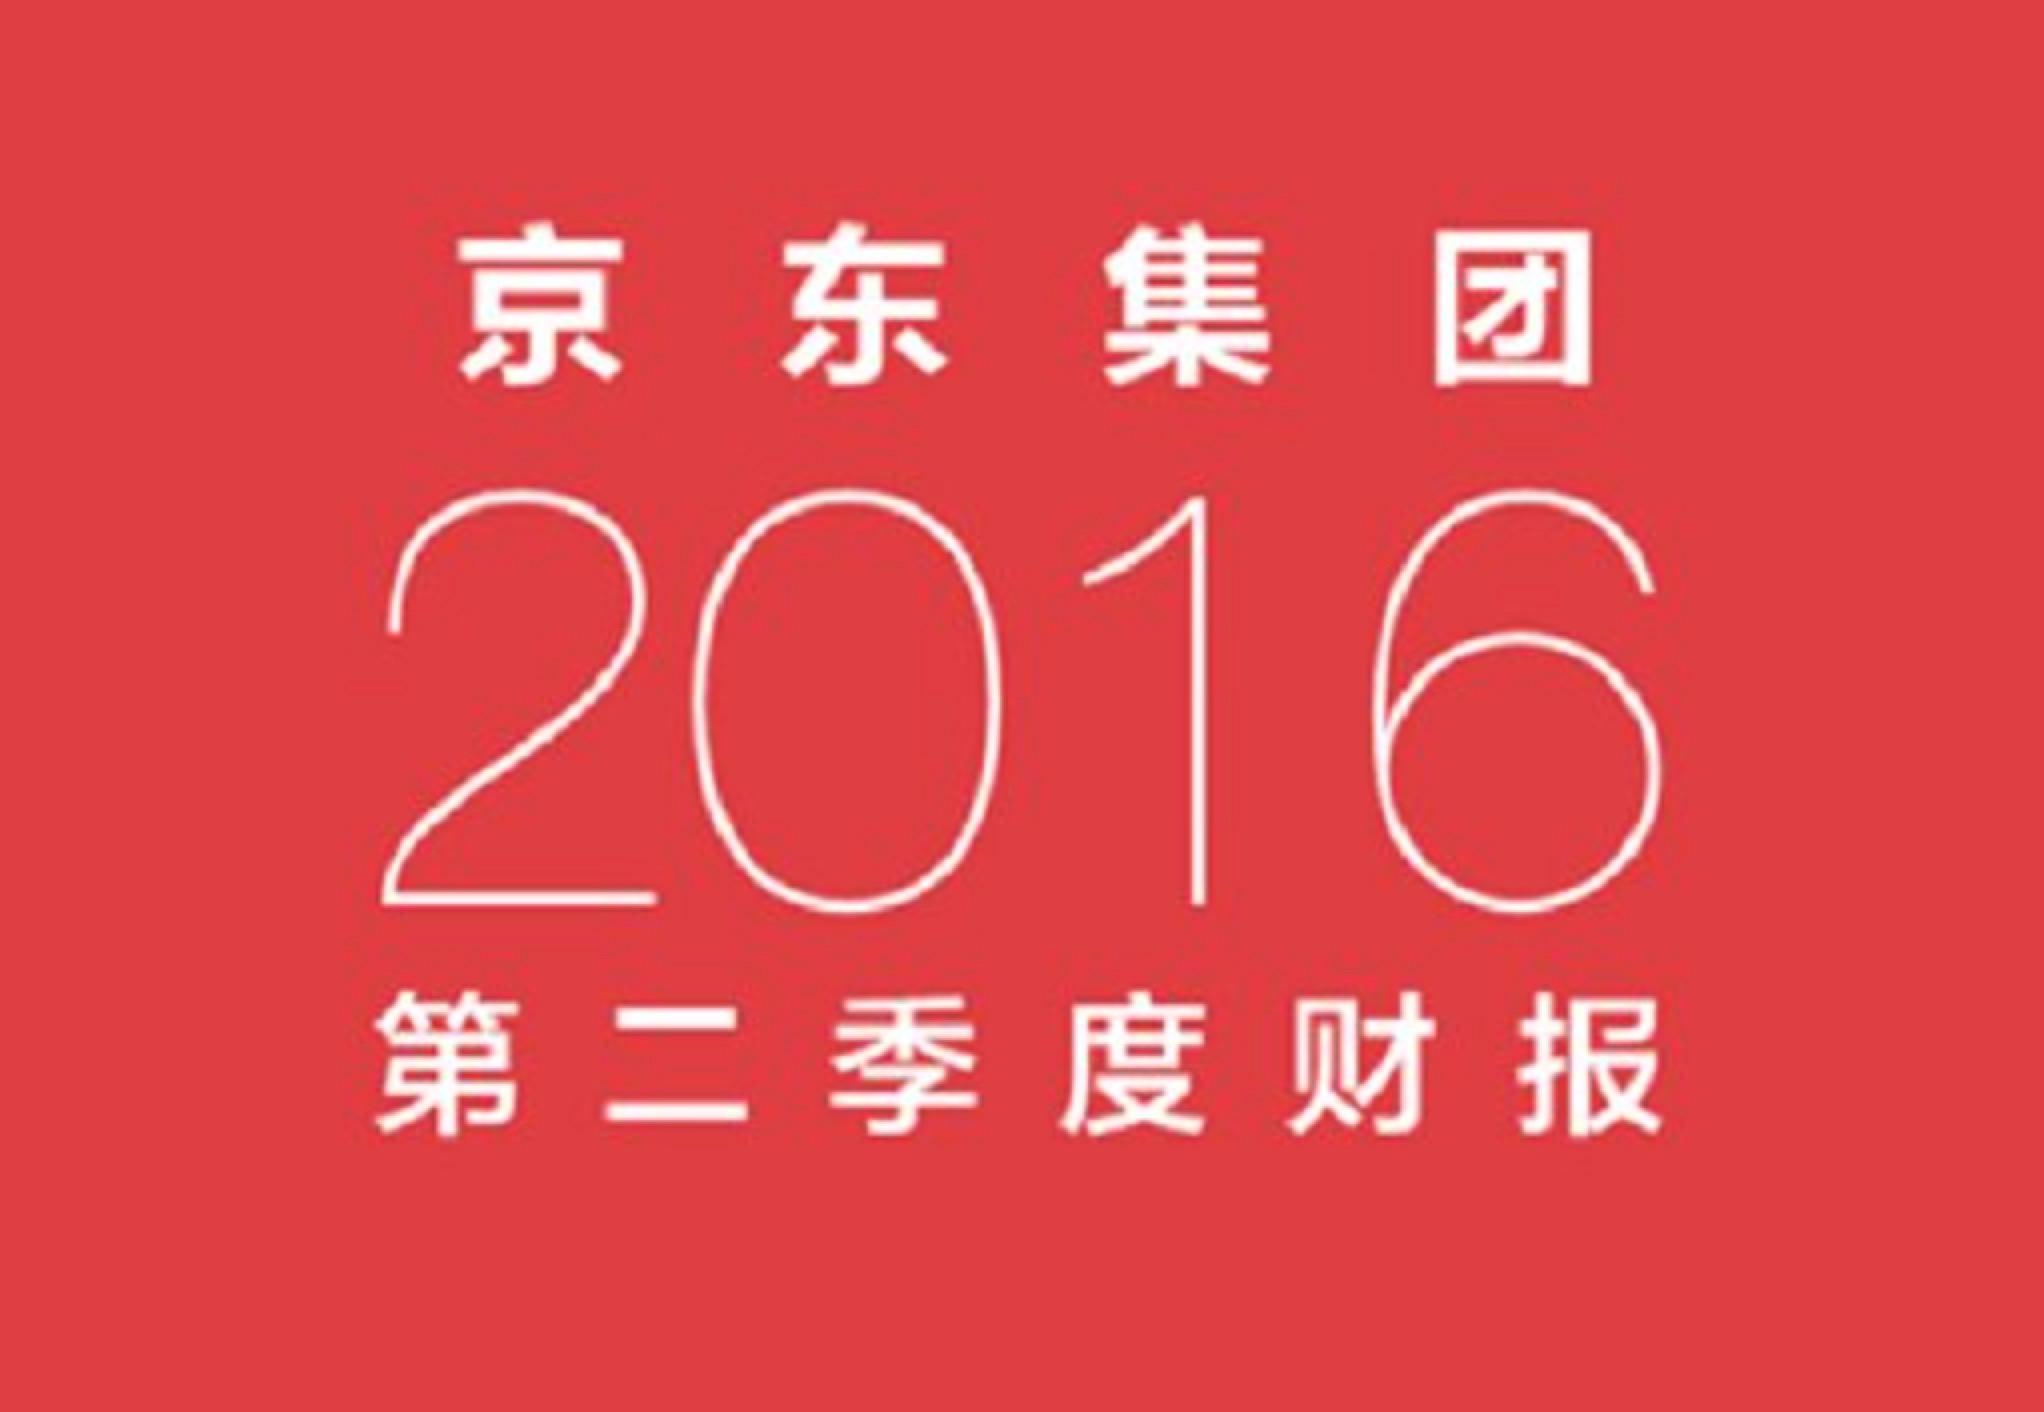 京东2016Q2盈利超预期,布局商超为战略收割做准备